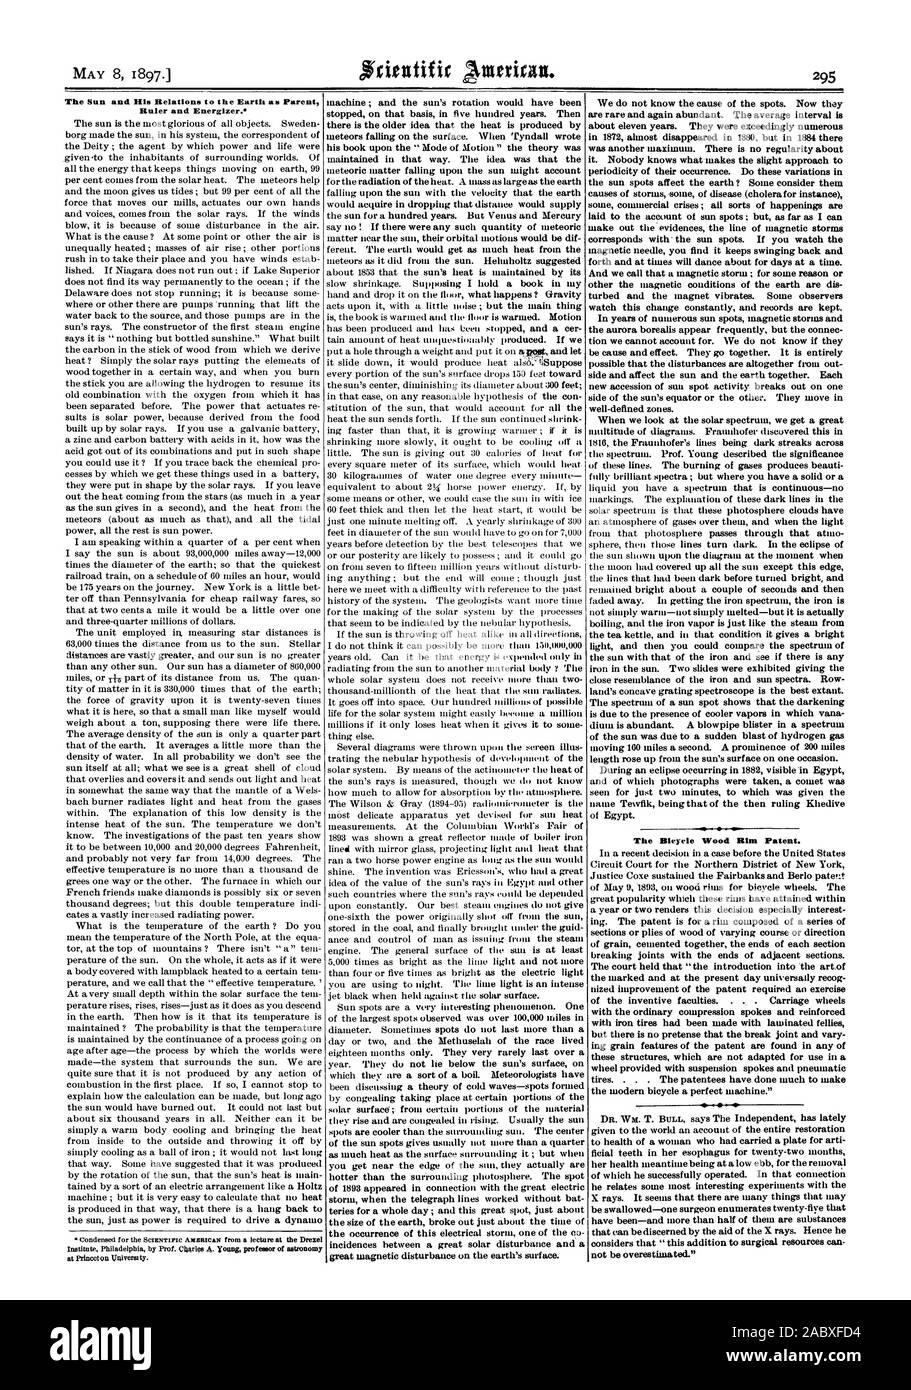 La bicicleta de madera de patentes de RIM. no puede sobreestimarse.' El Sol y sus relaciones con la tierra como regla principal y Energizer., Scientific American, 1897-05-08 Foto de stock